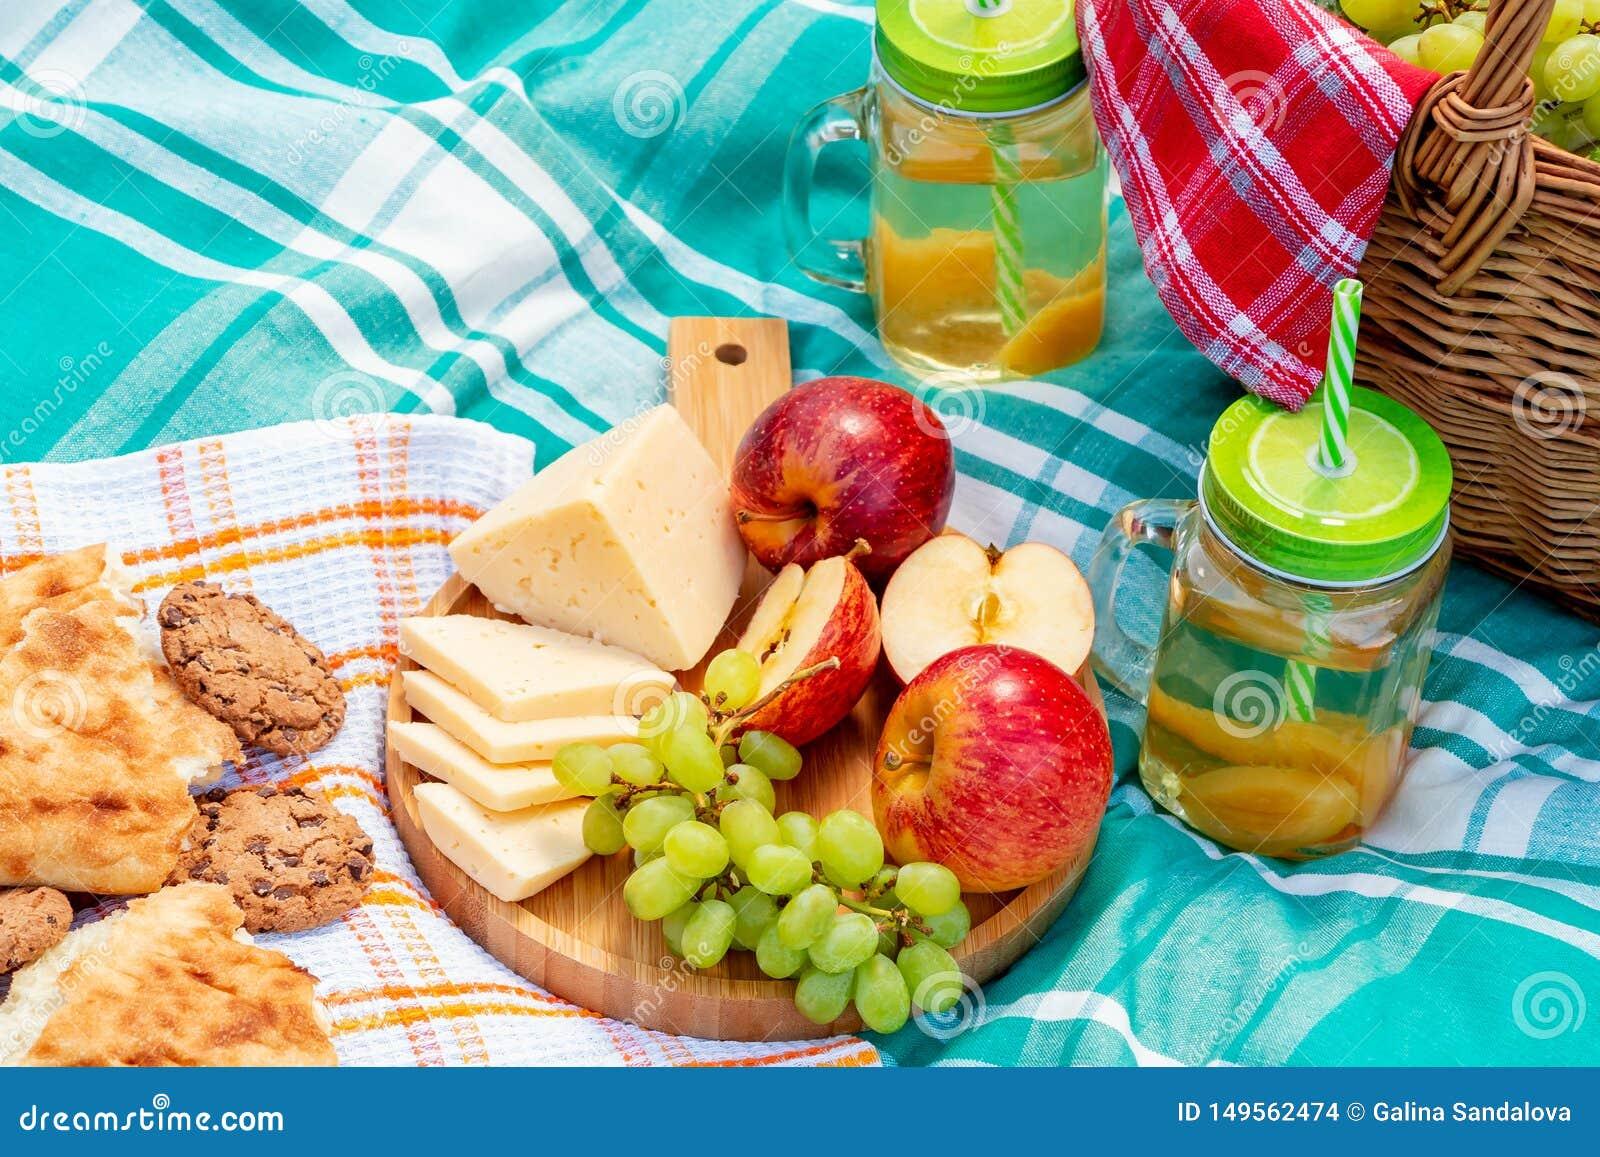 Πικ-νίκ στη χλόη μια θερινή ημέρα - καλάθι, σταφύλια, τυρί, ψωμί, μήλα - μια έννοια της θερινής υπαίθριας αναψυχής